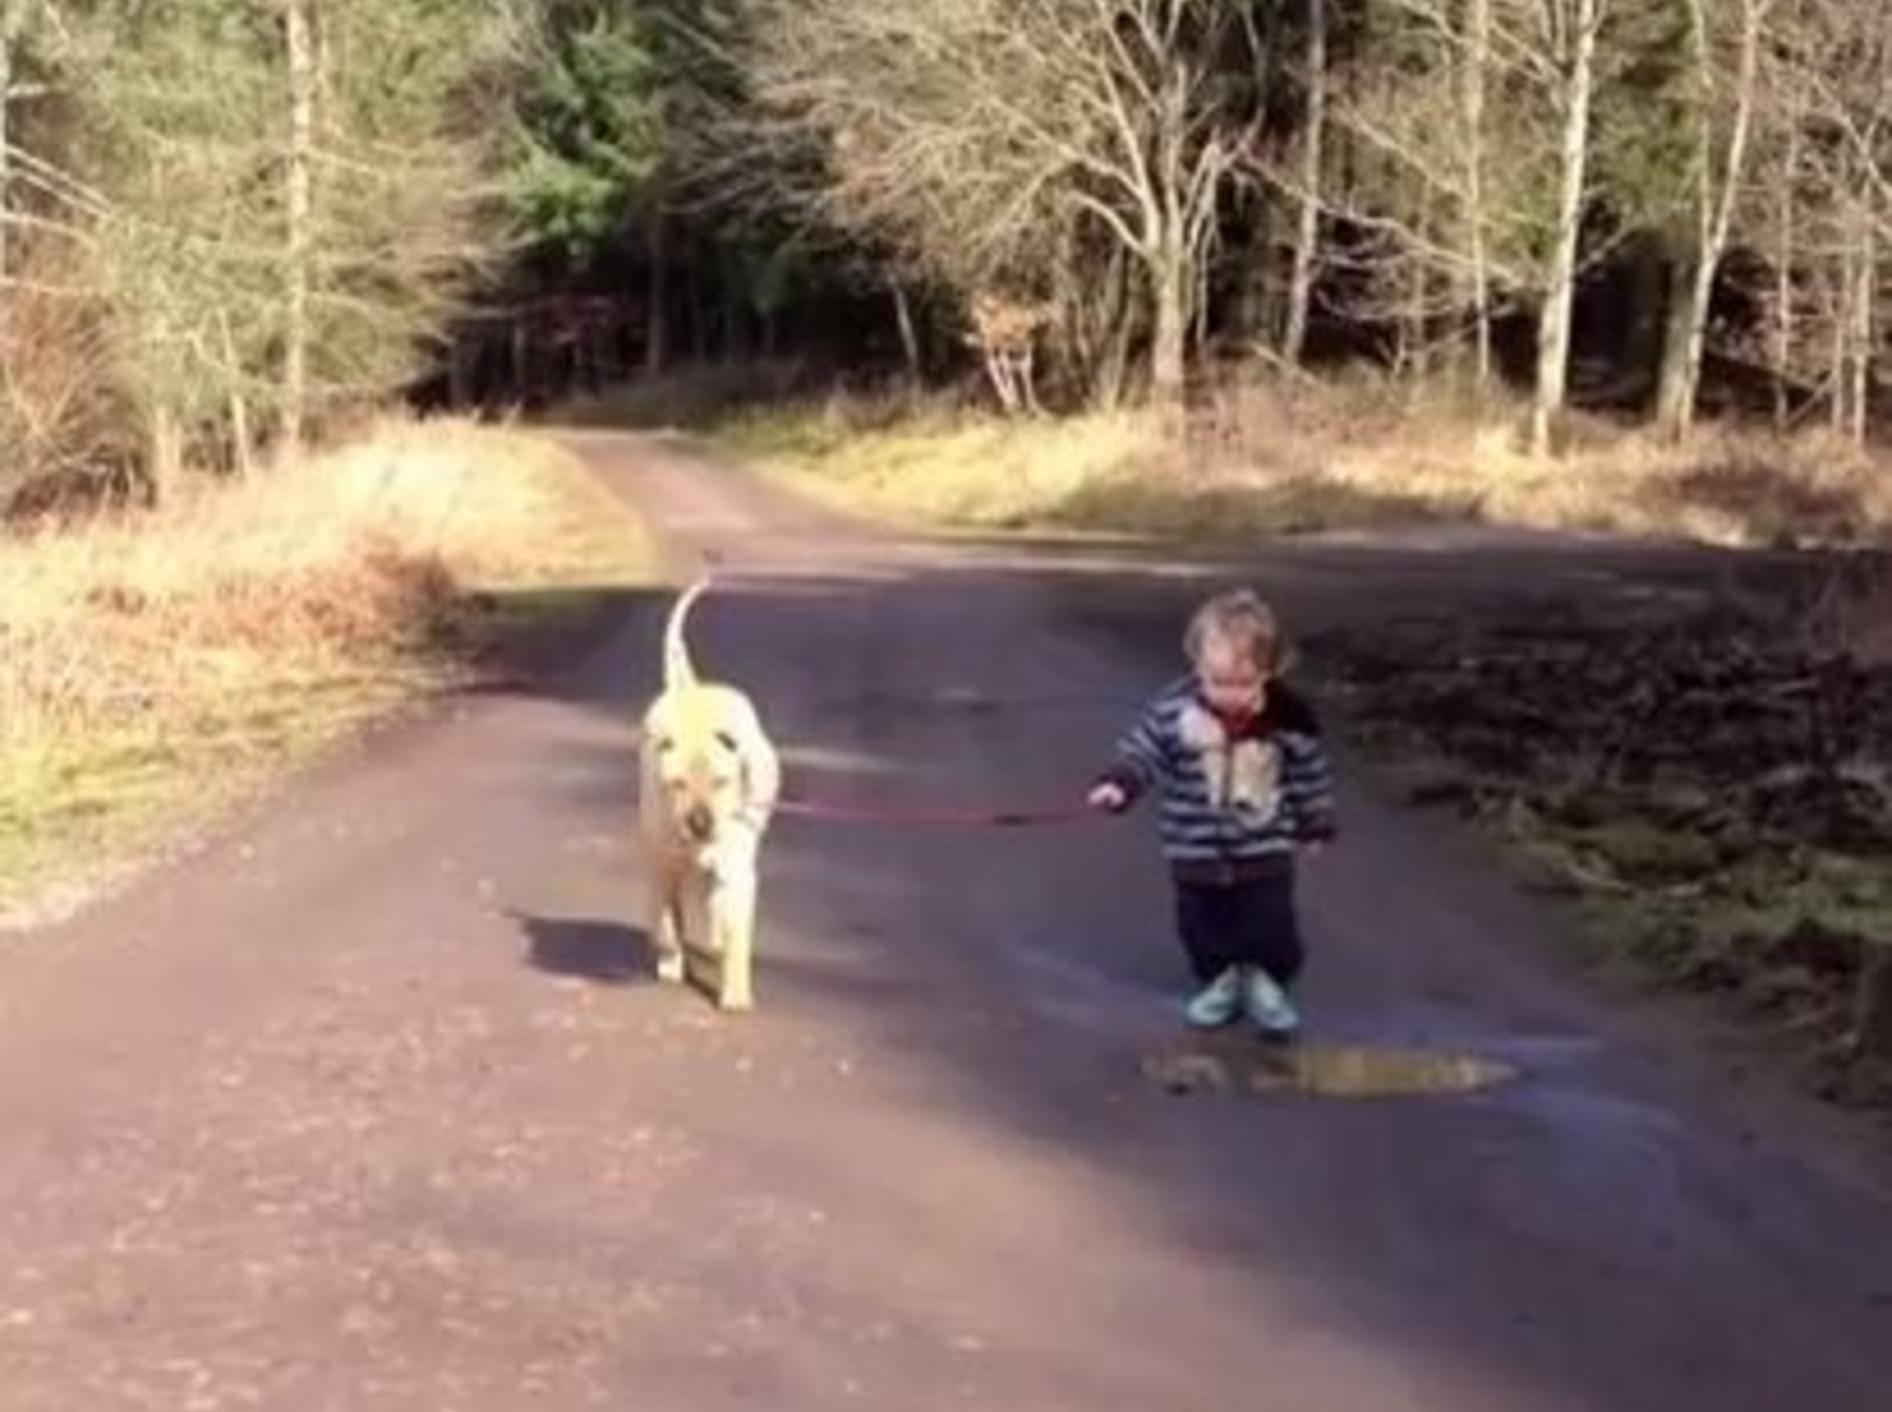 Kleines Kind, geduldiger Hund: Beste Freunde der Welt? — Bild: Youtube / Julian Burrett